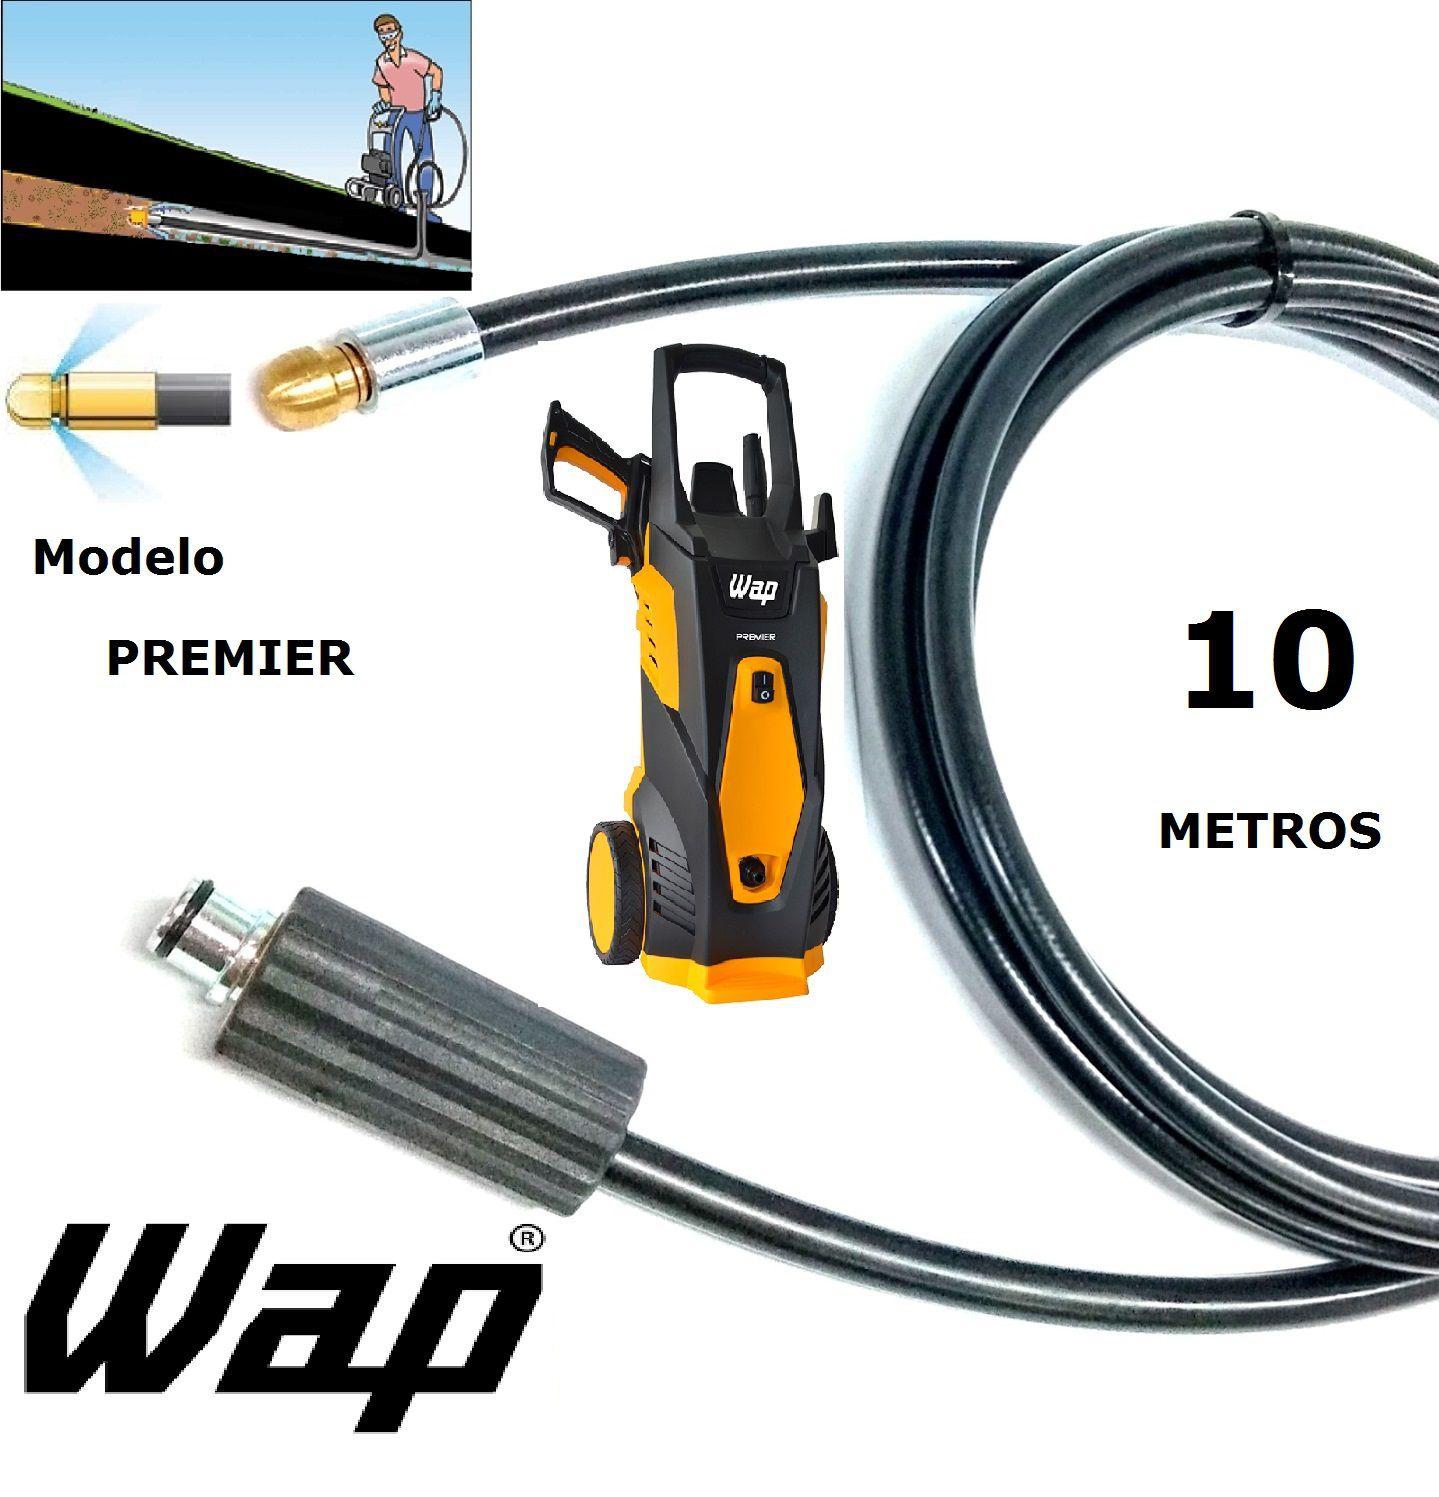 Mangueira desentupidora de tubulação WAP - 10 Metros - Wap PREMIER